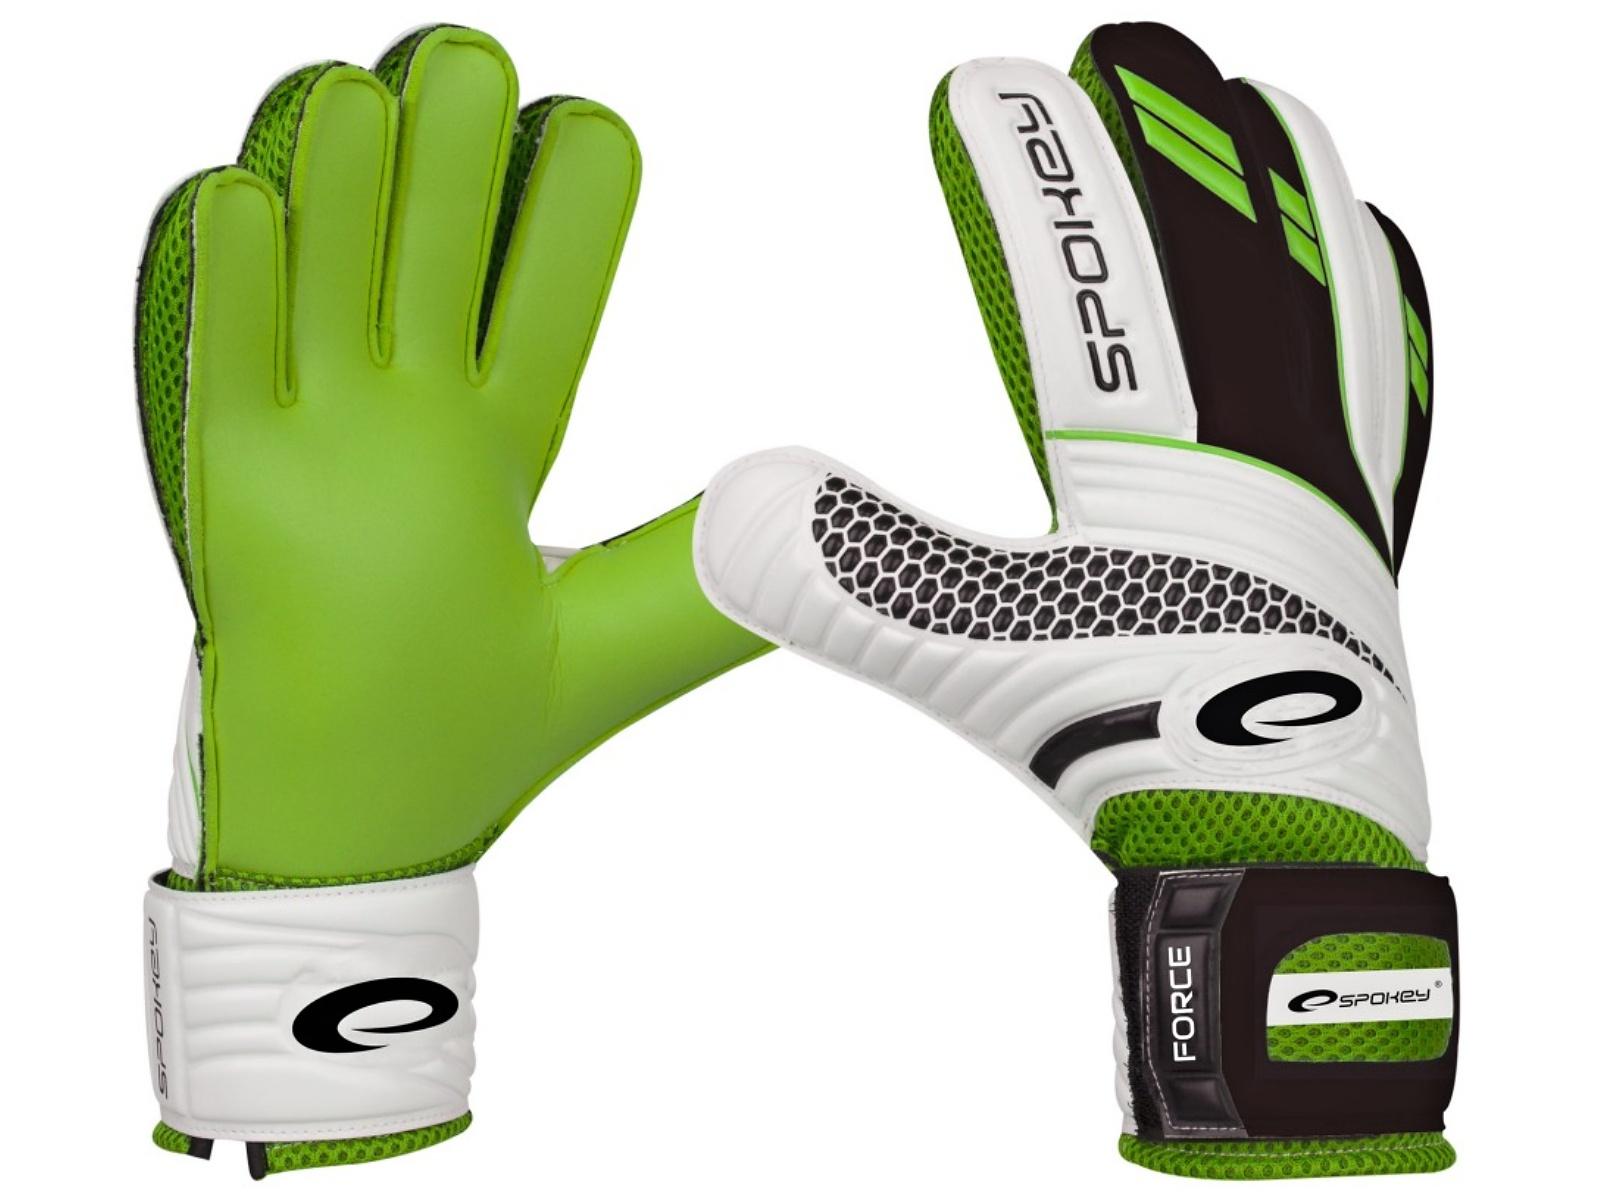 Brankářské rukavice SPOKEY Force 6 zelené